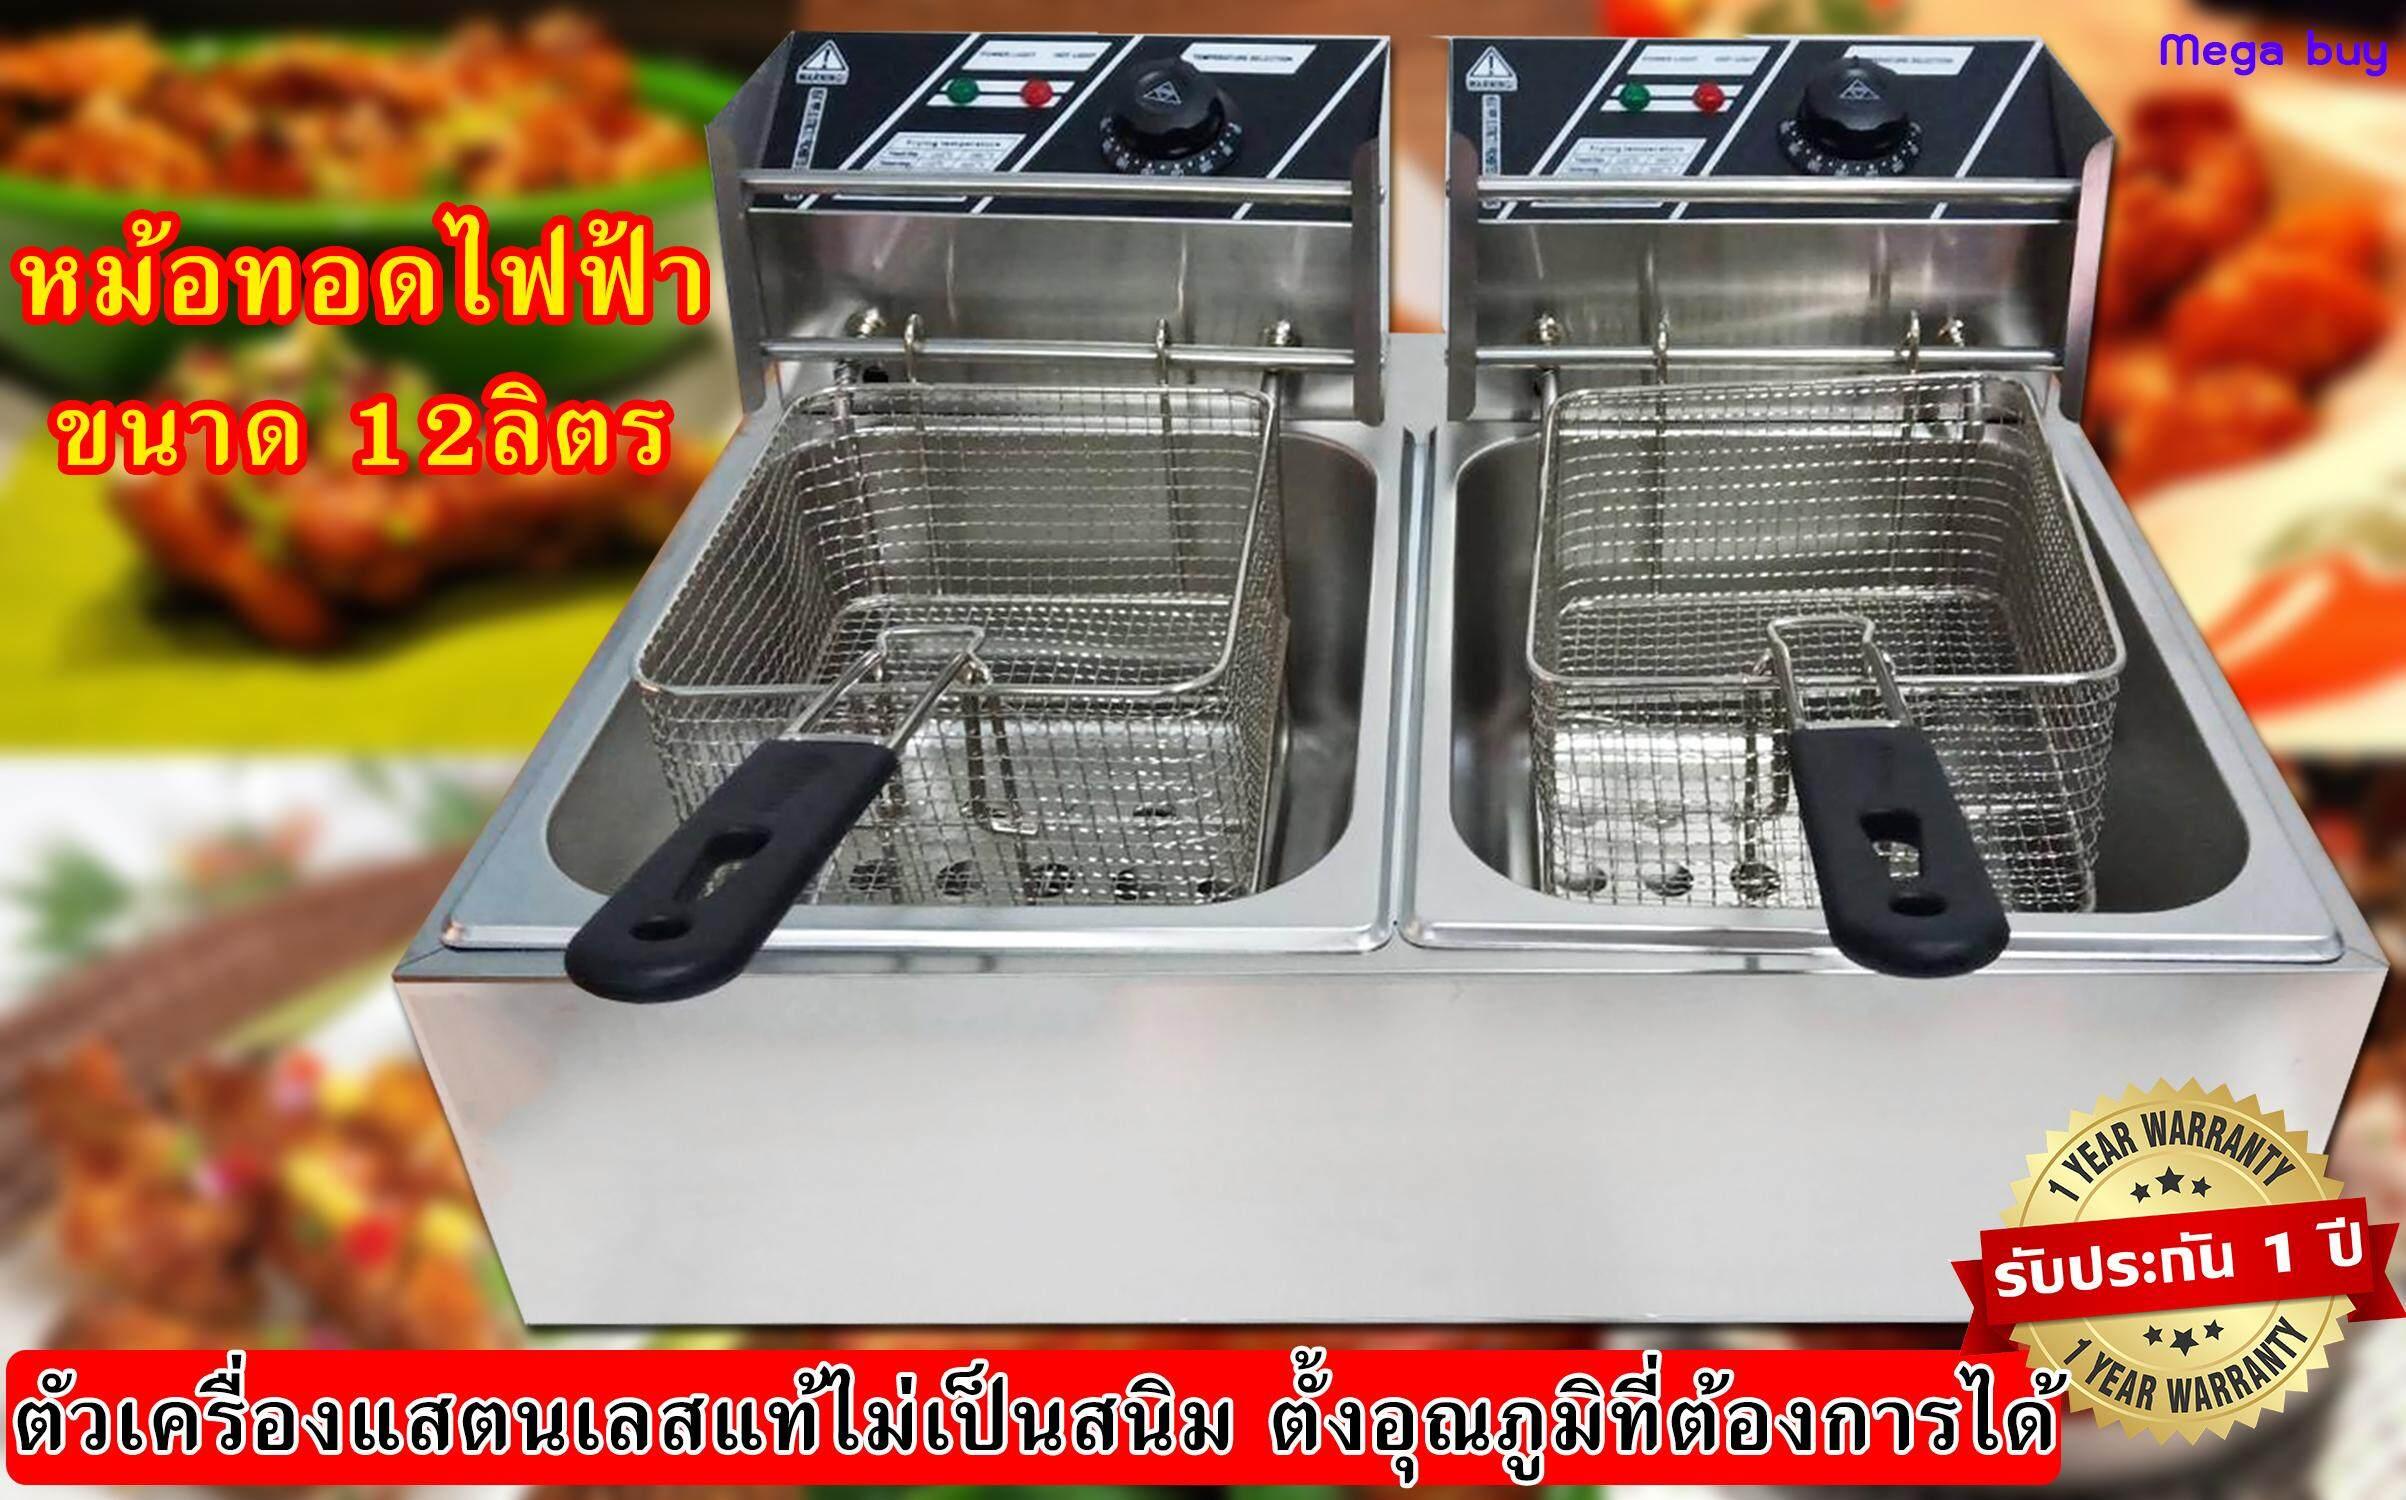 ขายดีมาก! หม้อทอดไฟฟ้า เตาทอดไฟฟ้า 12 ลิตร Electric Deep Fryer (ส่งฟรีkerry)